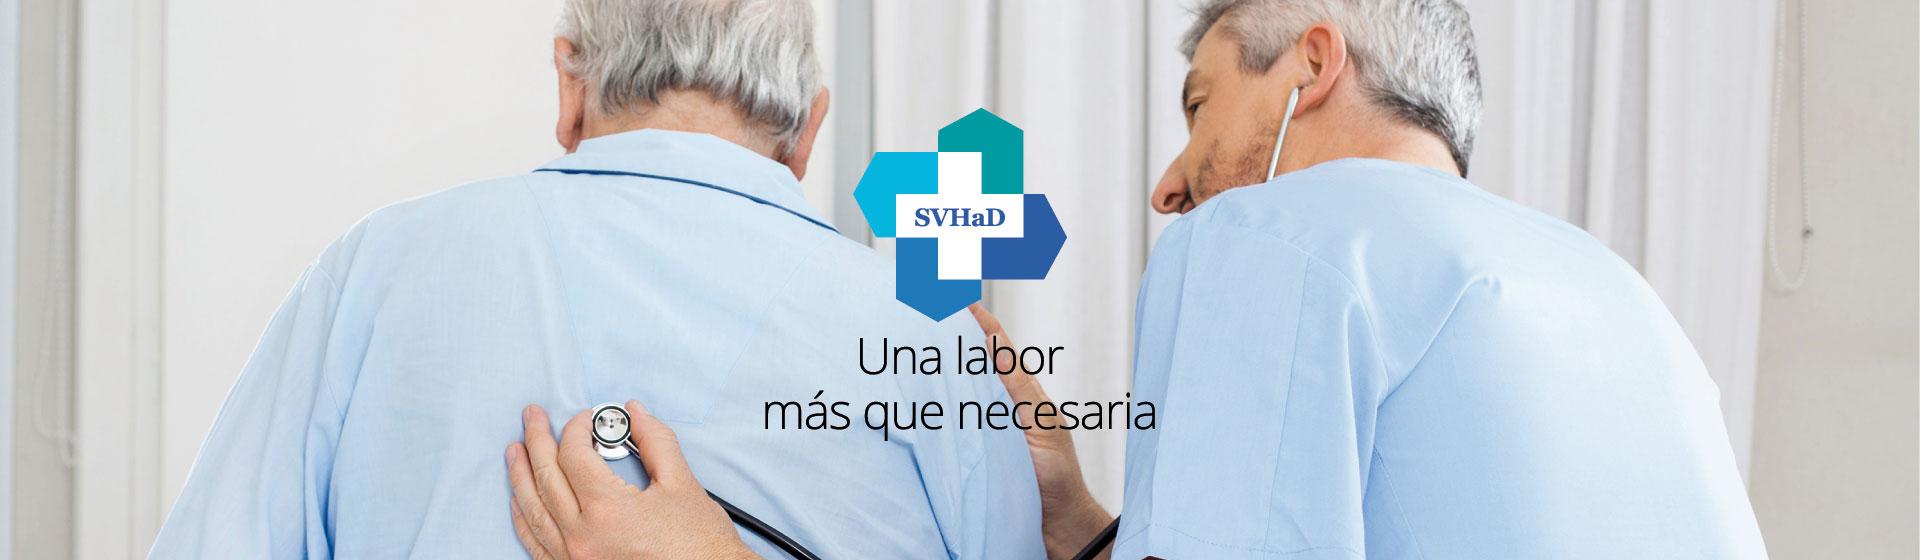 Svhad. Sociedad Valenciana de Hospital a Domicilio